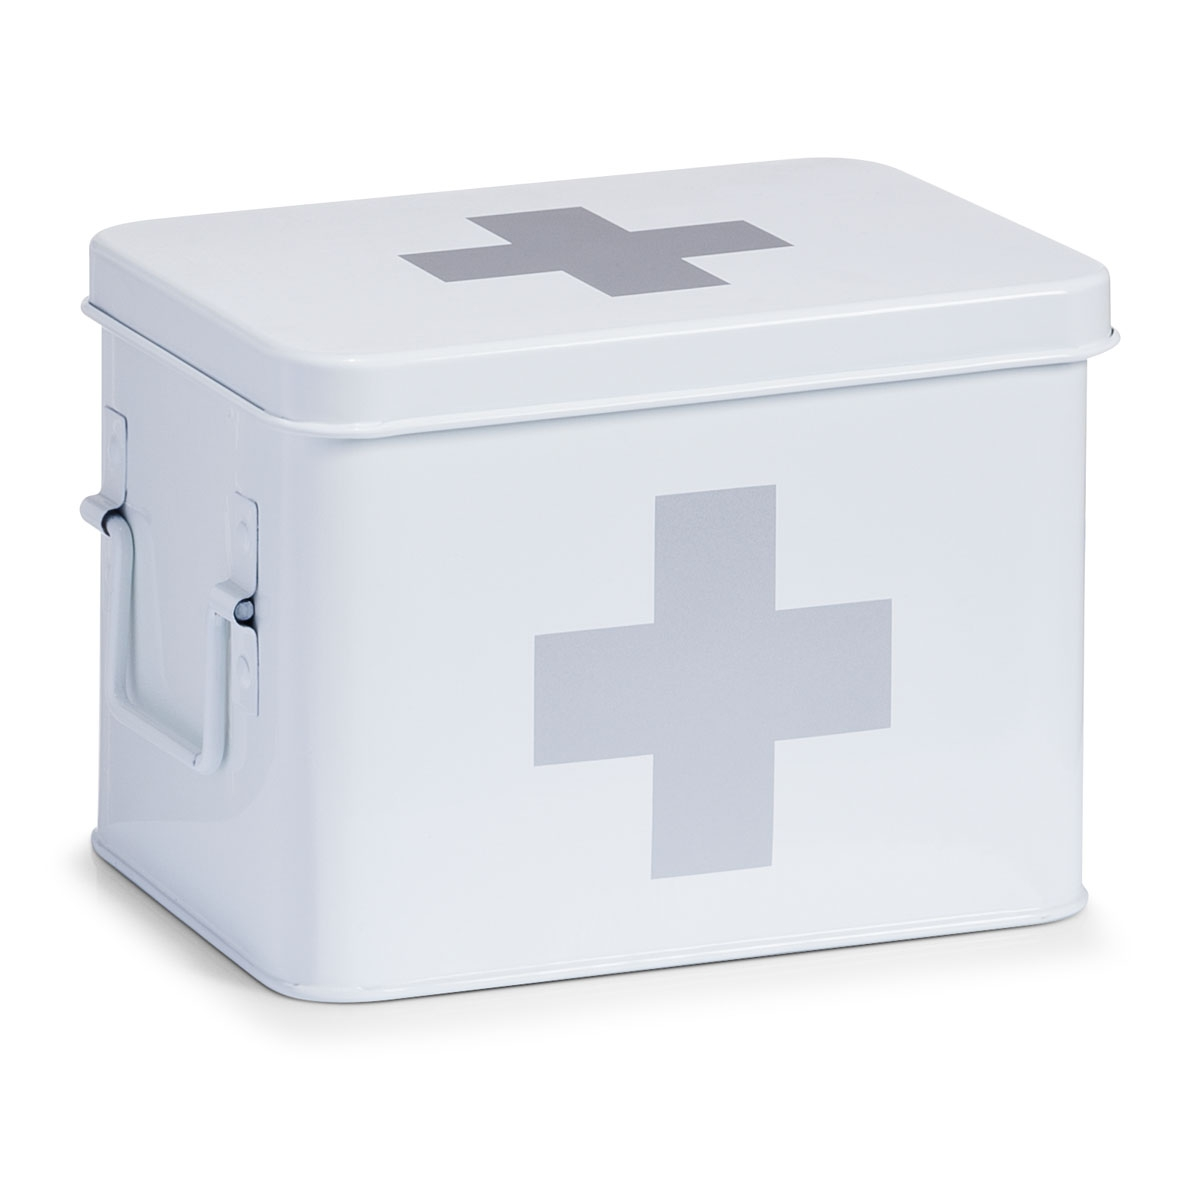 Cutie pentru depozitarea medicamentelor, 4 compartimente, Metal White, l21,5xA16xH16 cm imagine